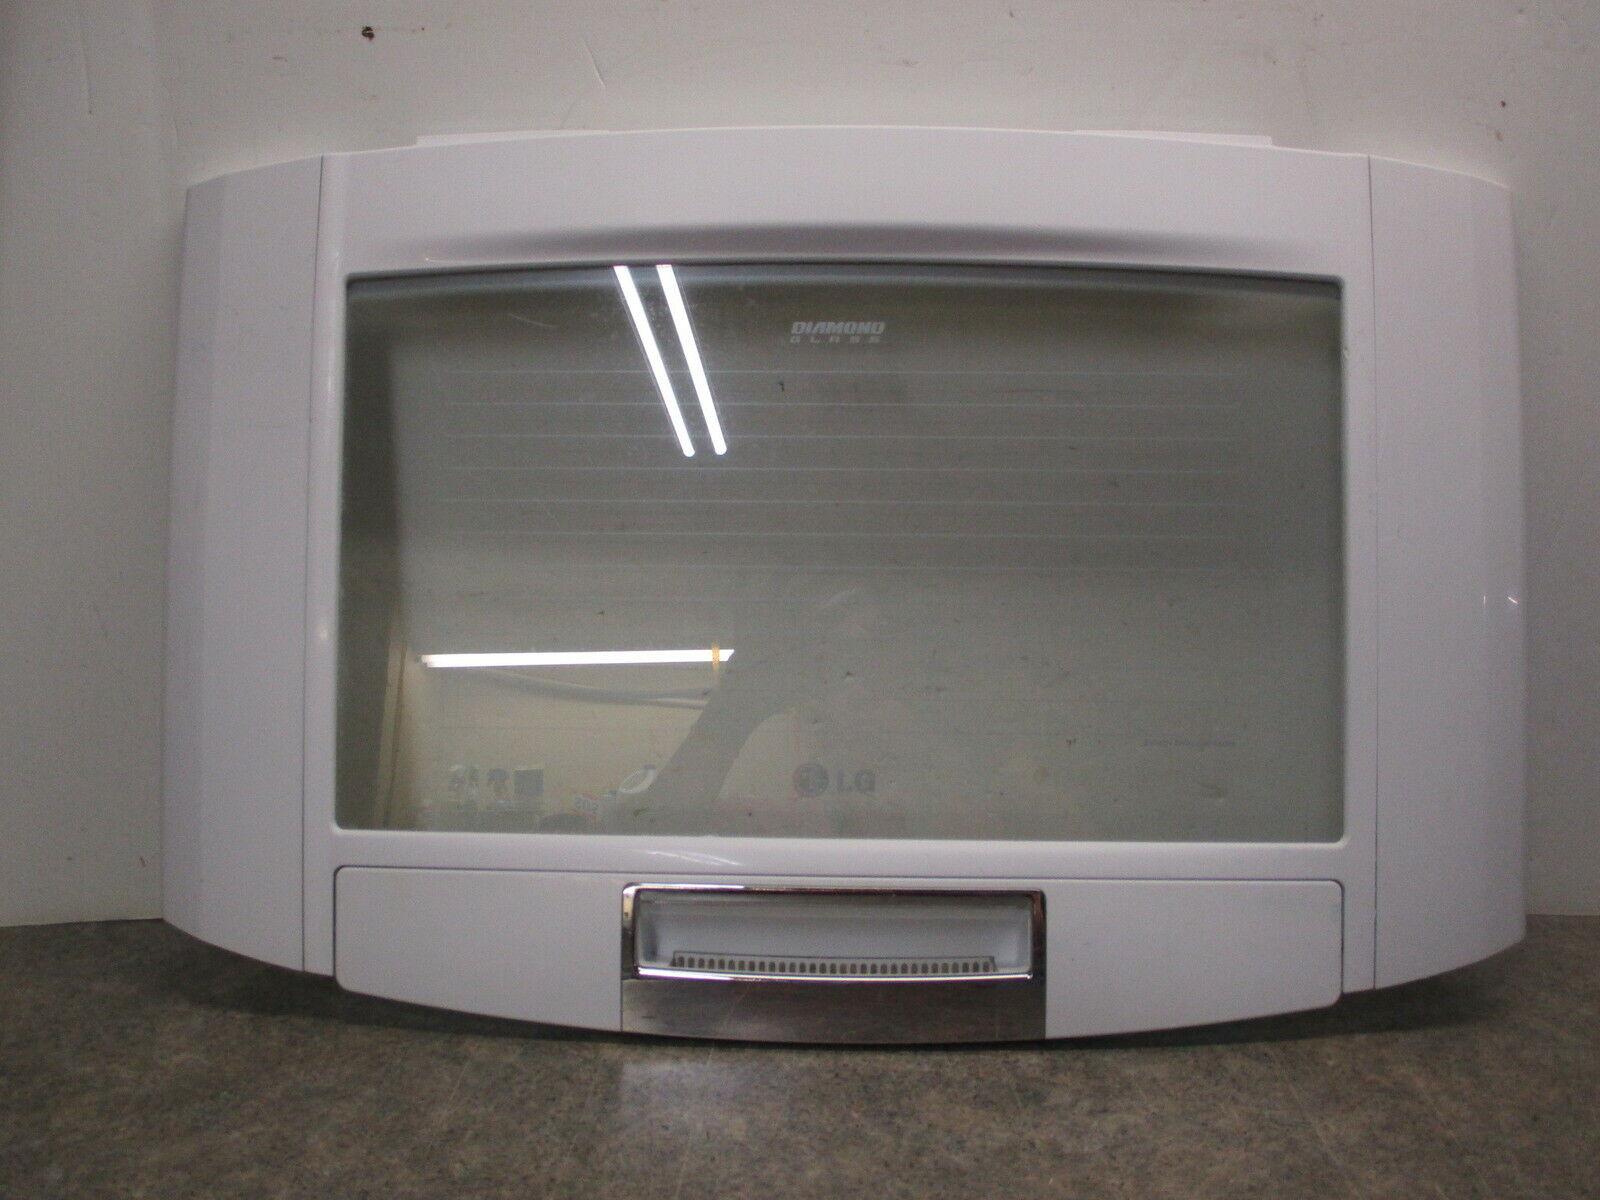 OEM Part Lg AFG73089802 Washer Lid Genuine Original Equipment Manufacturer